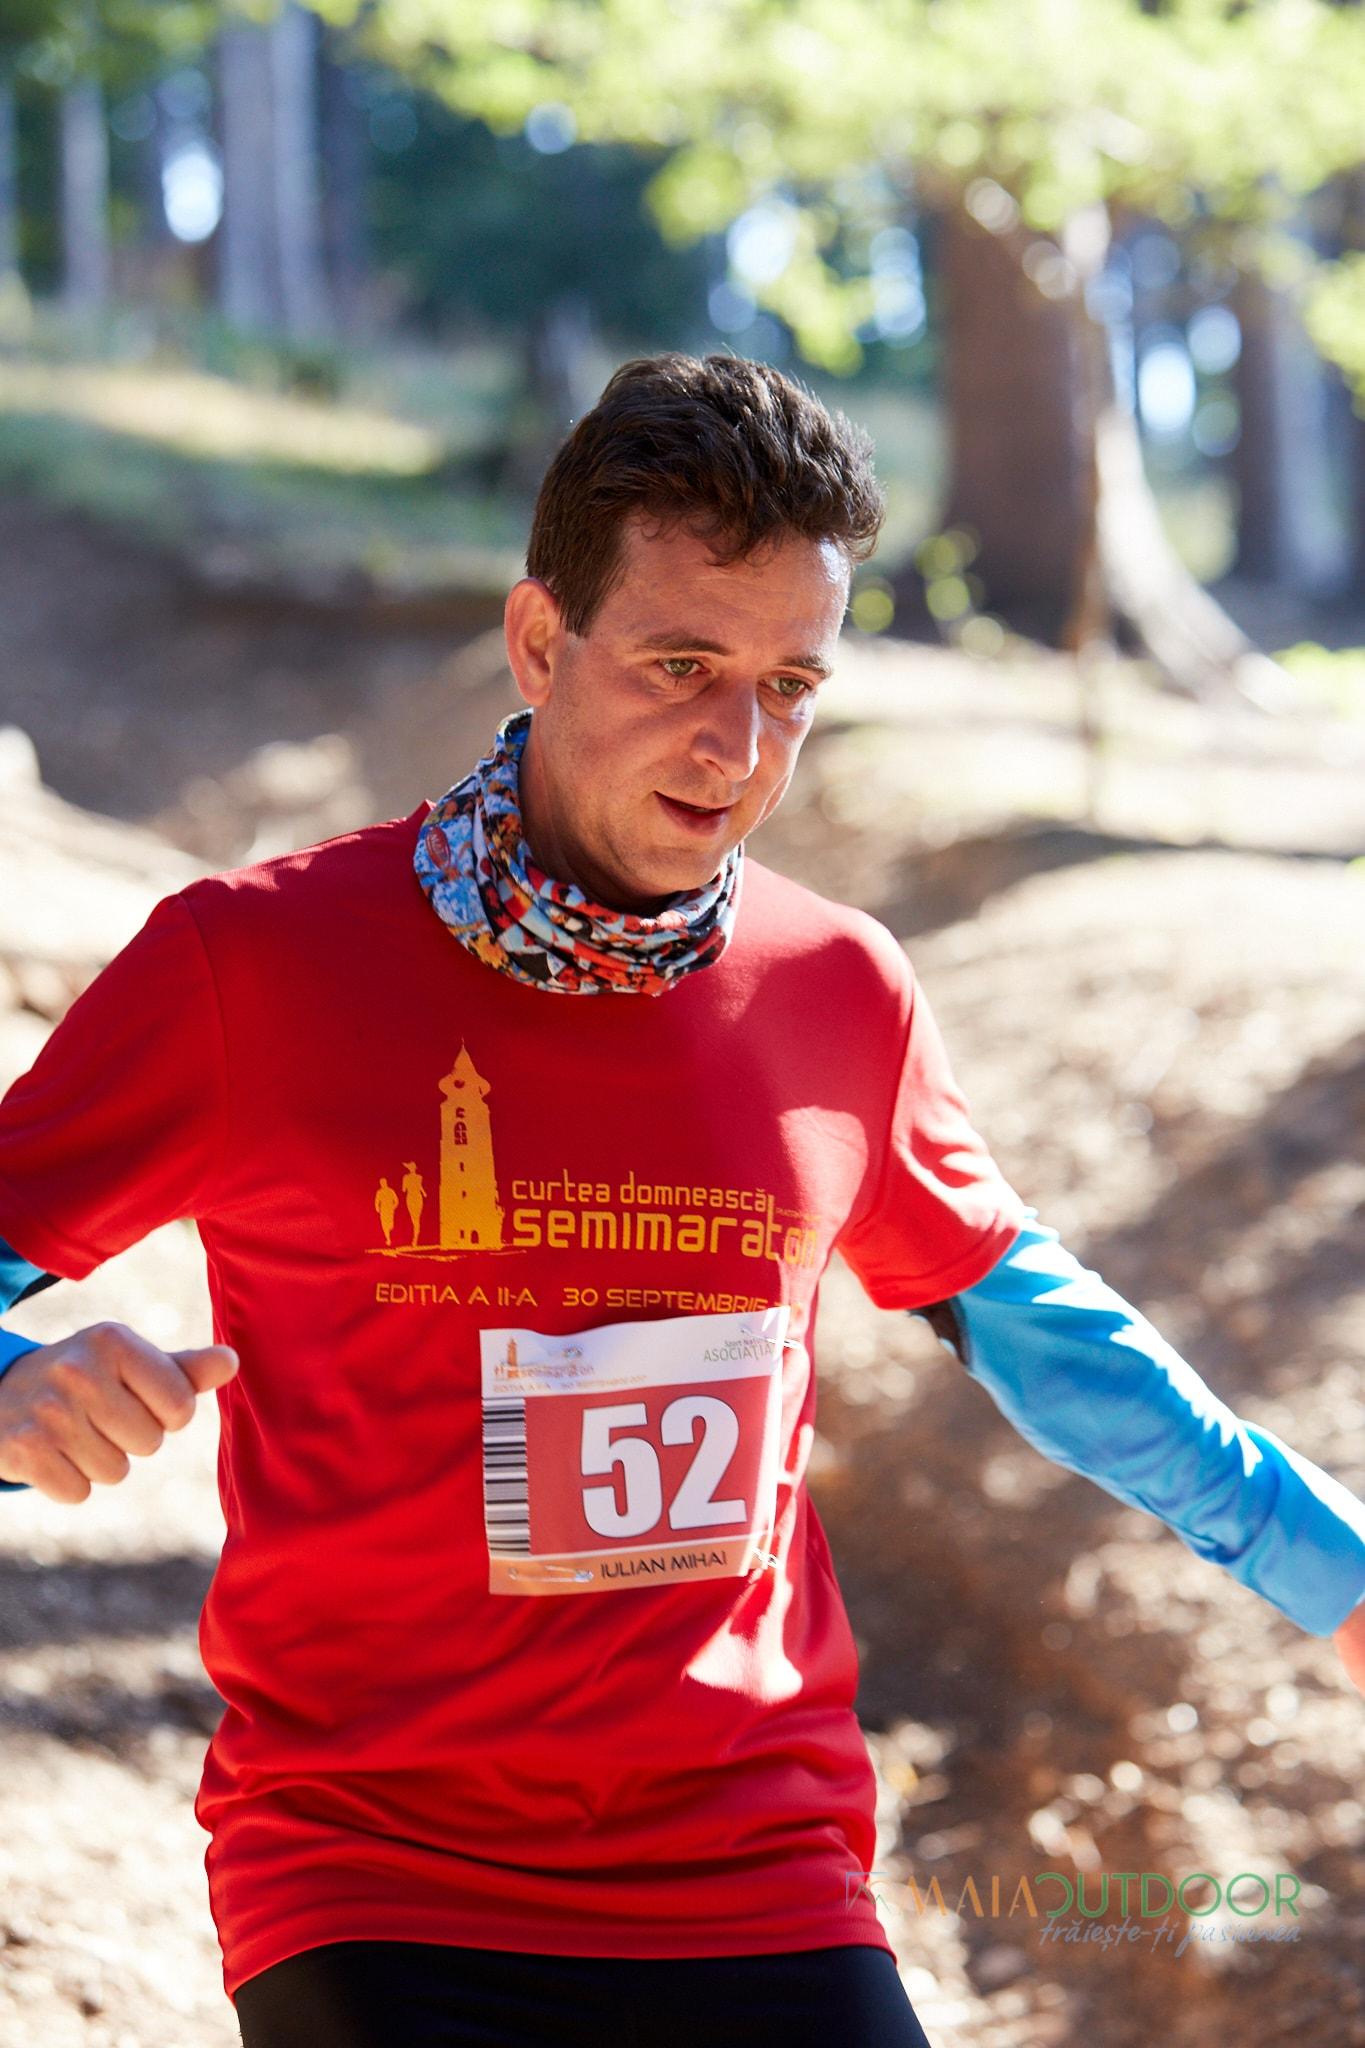 Semimaraton_Curtea_Domneasca_MaiaOutdoor.ro_IMG_5778-min